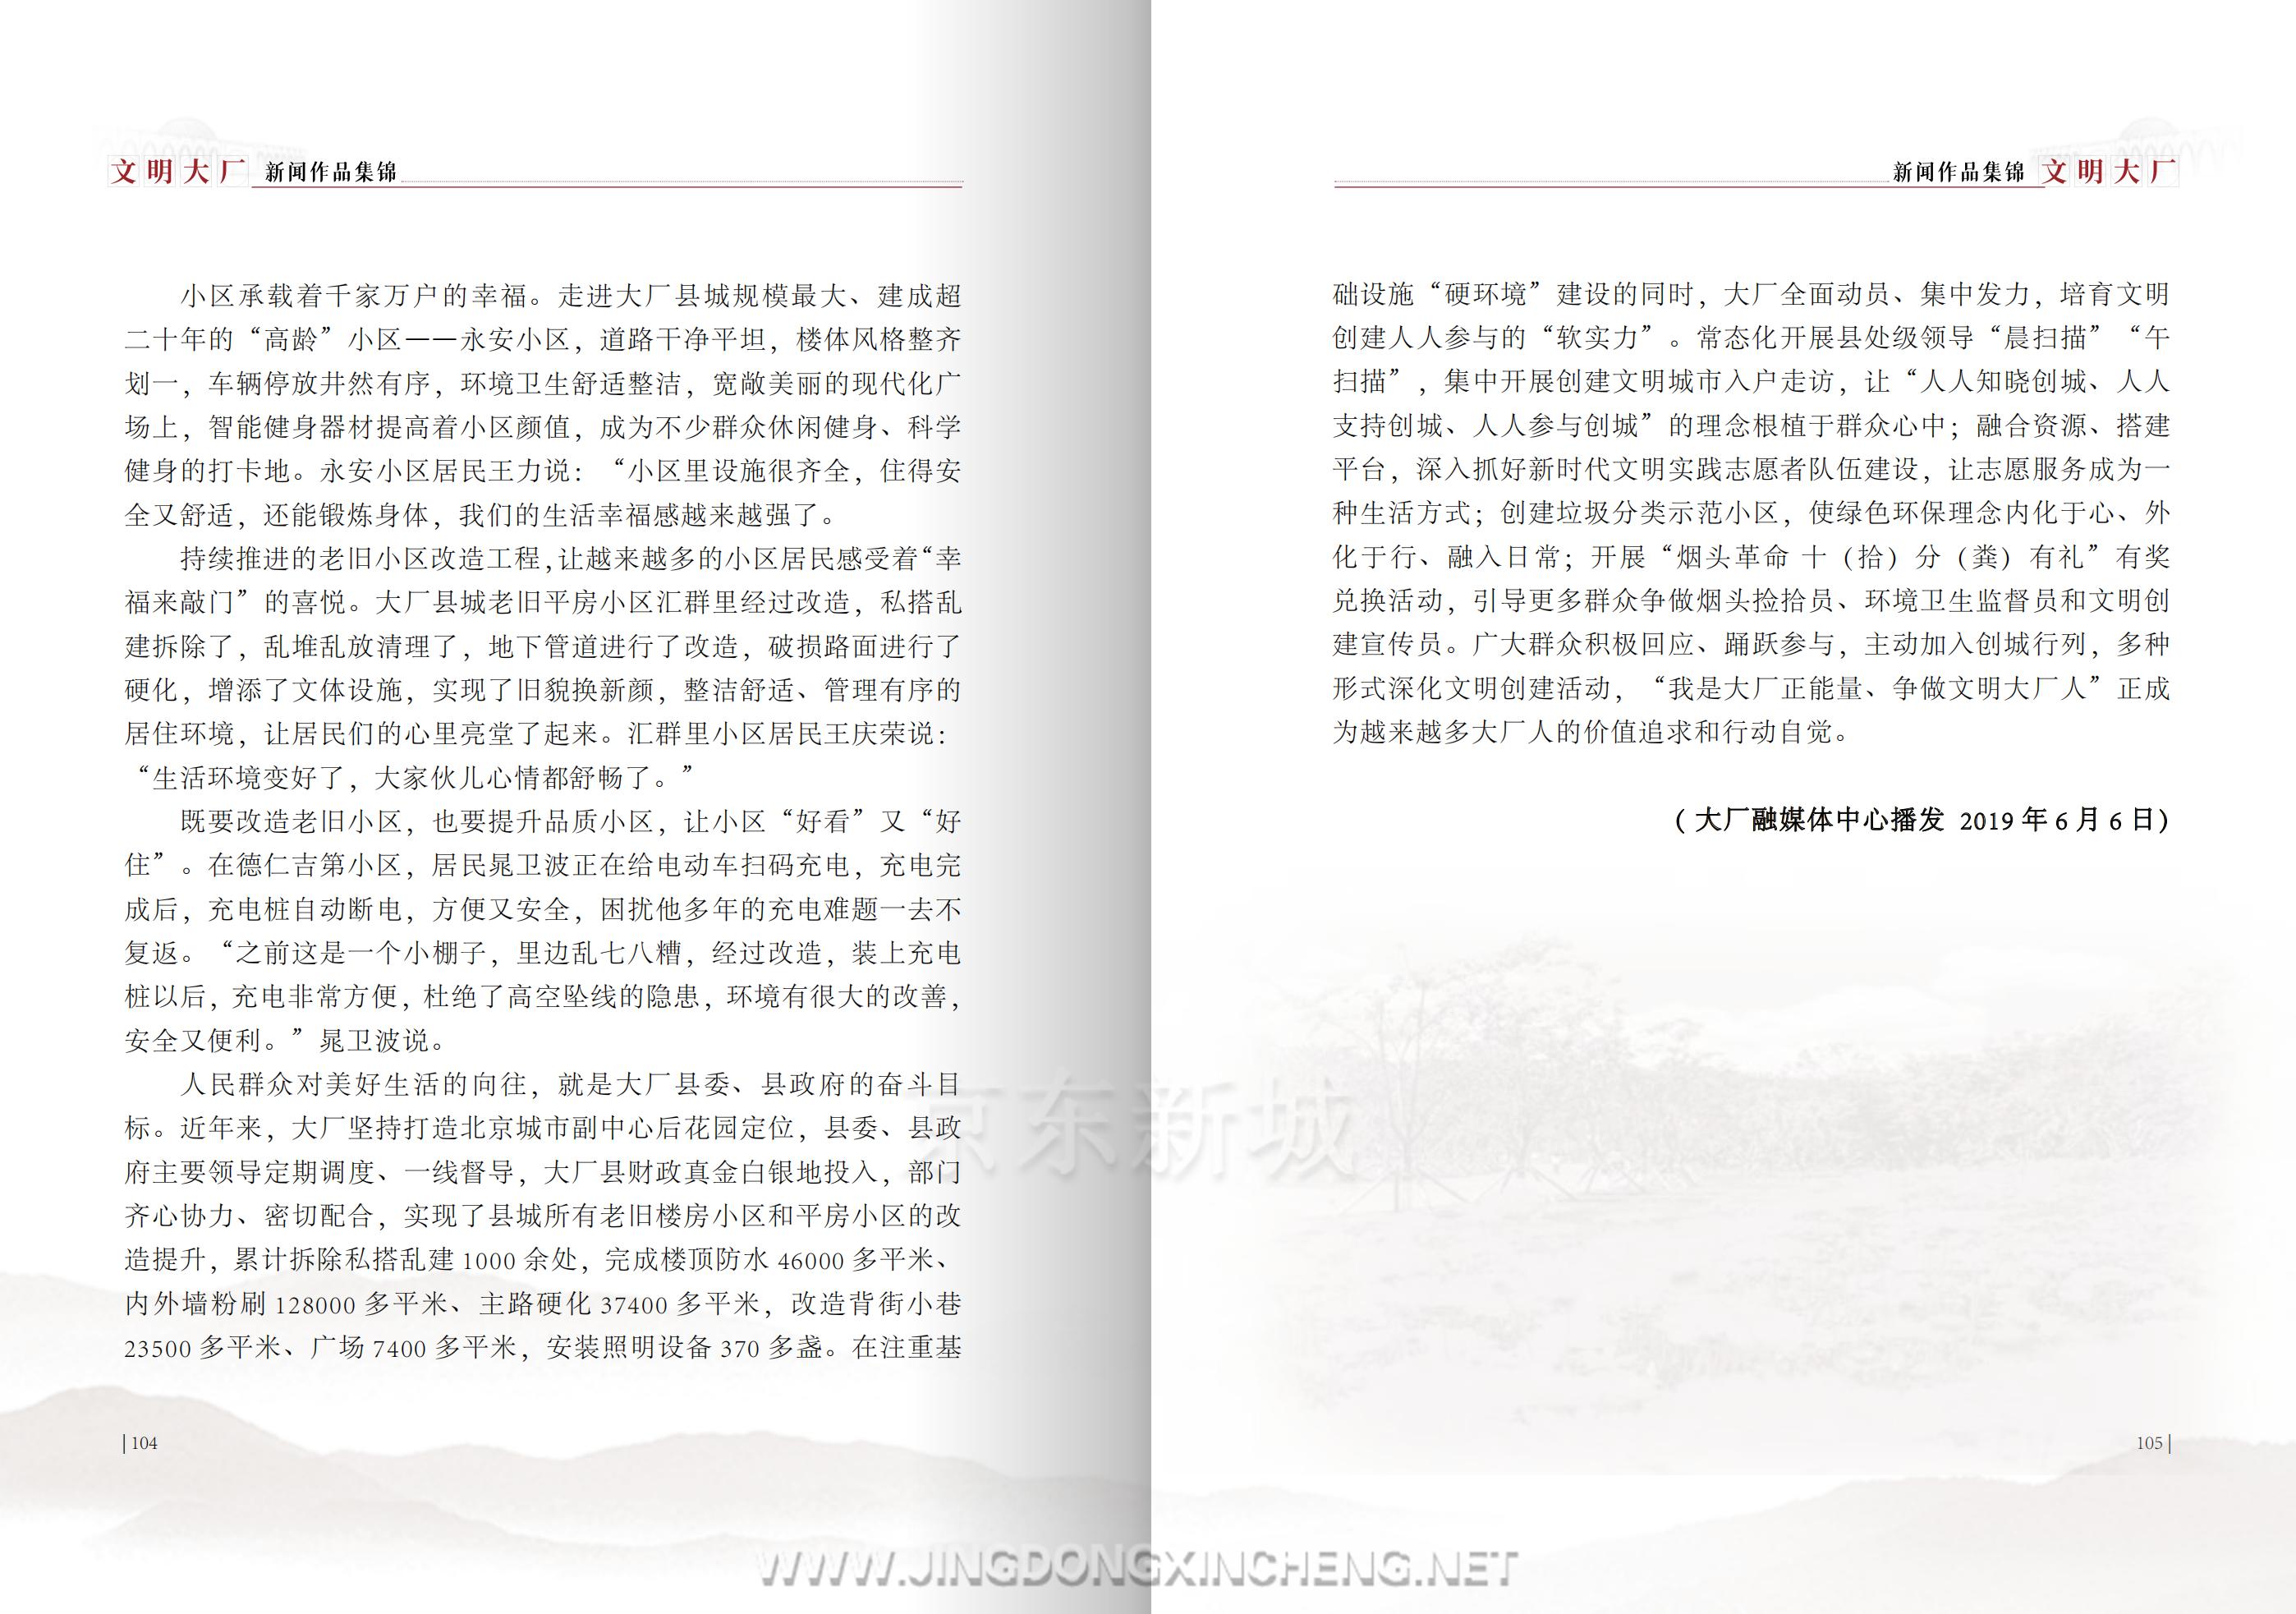 文明大厂书籍-定稿-上传版_56.png